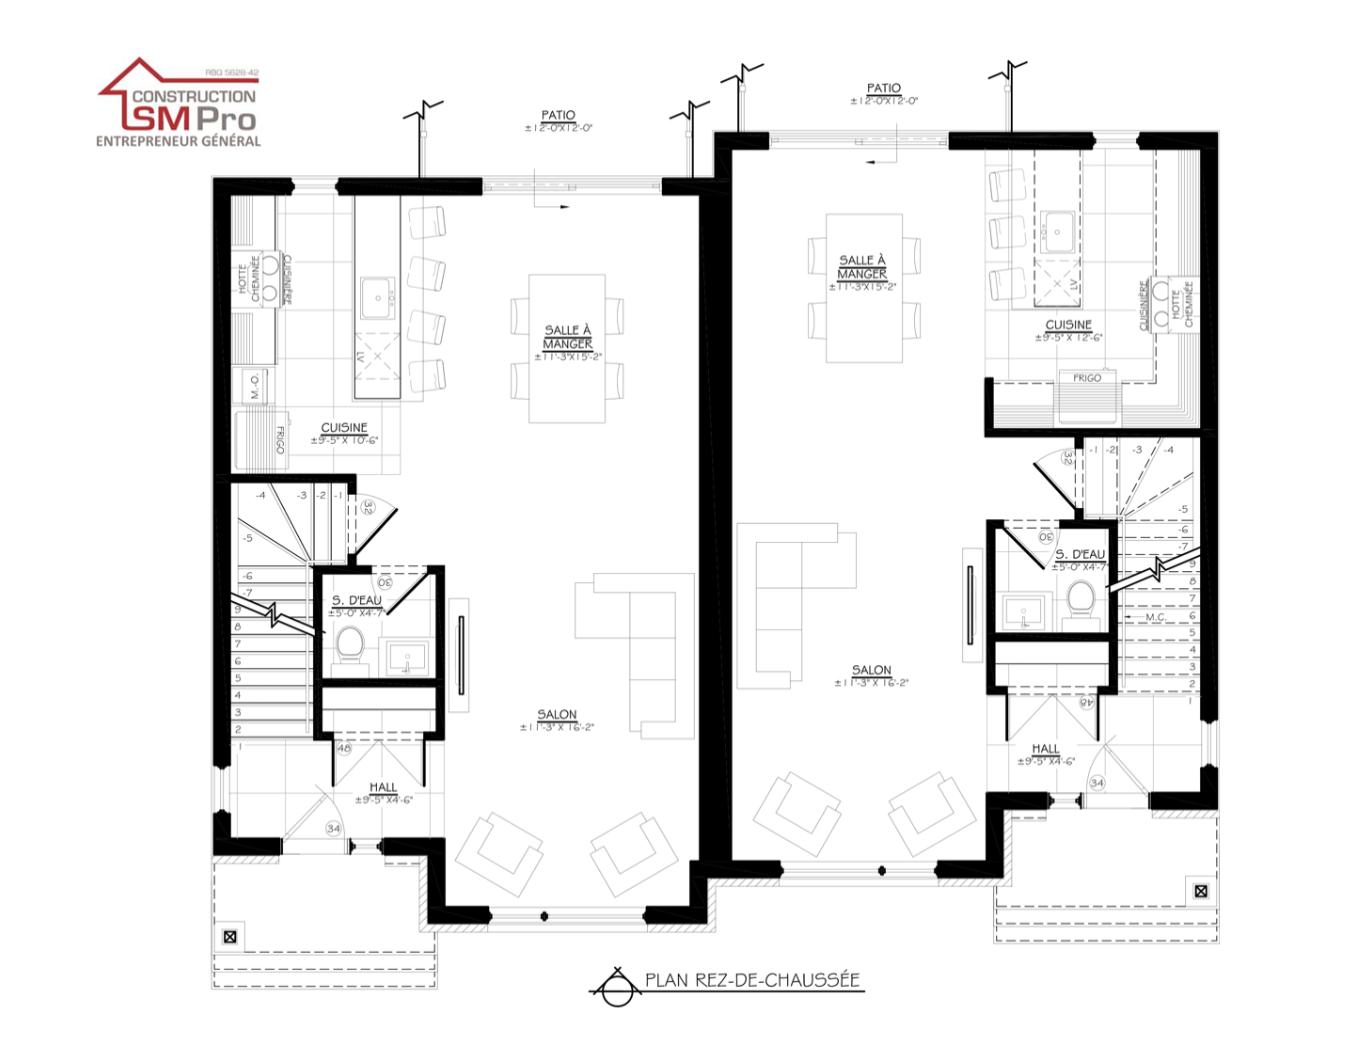 Construction SM Pro image plan projet ste-foy